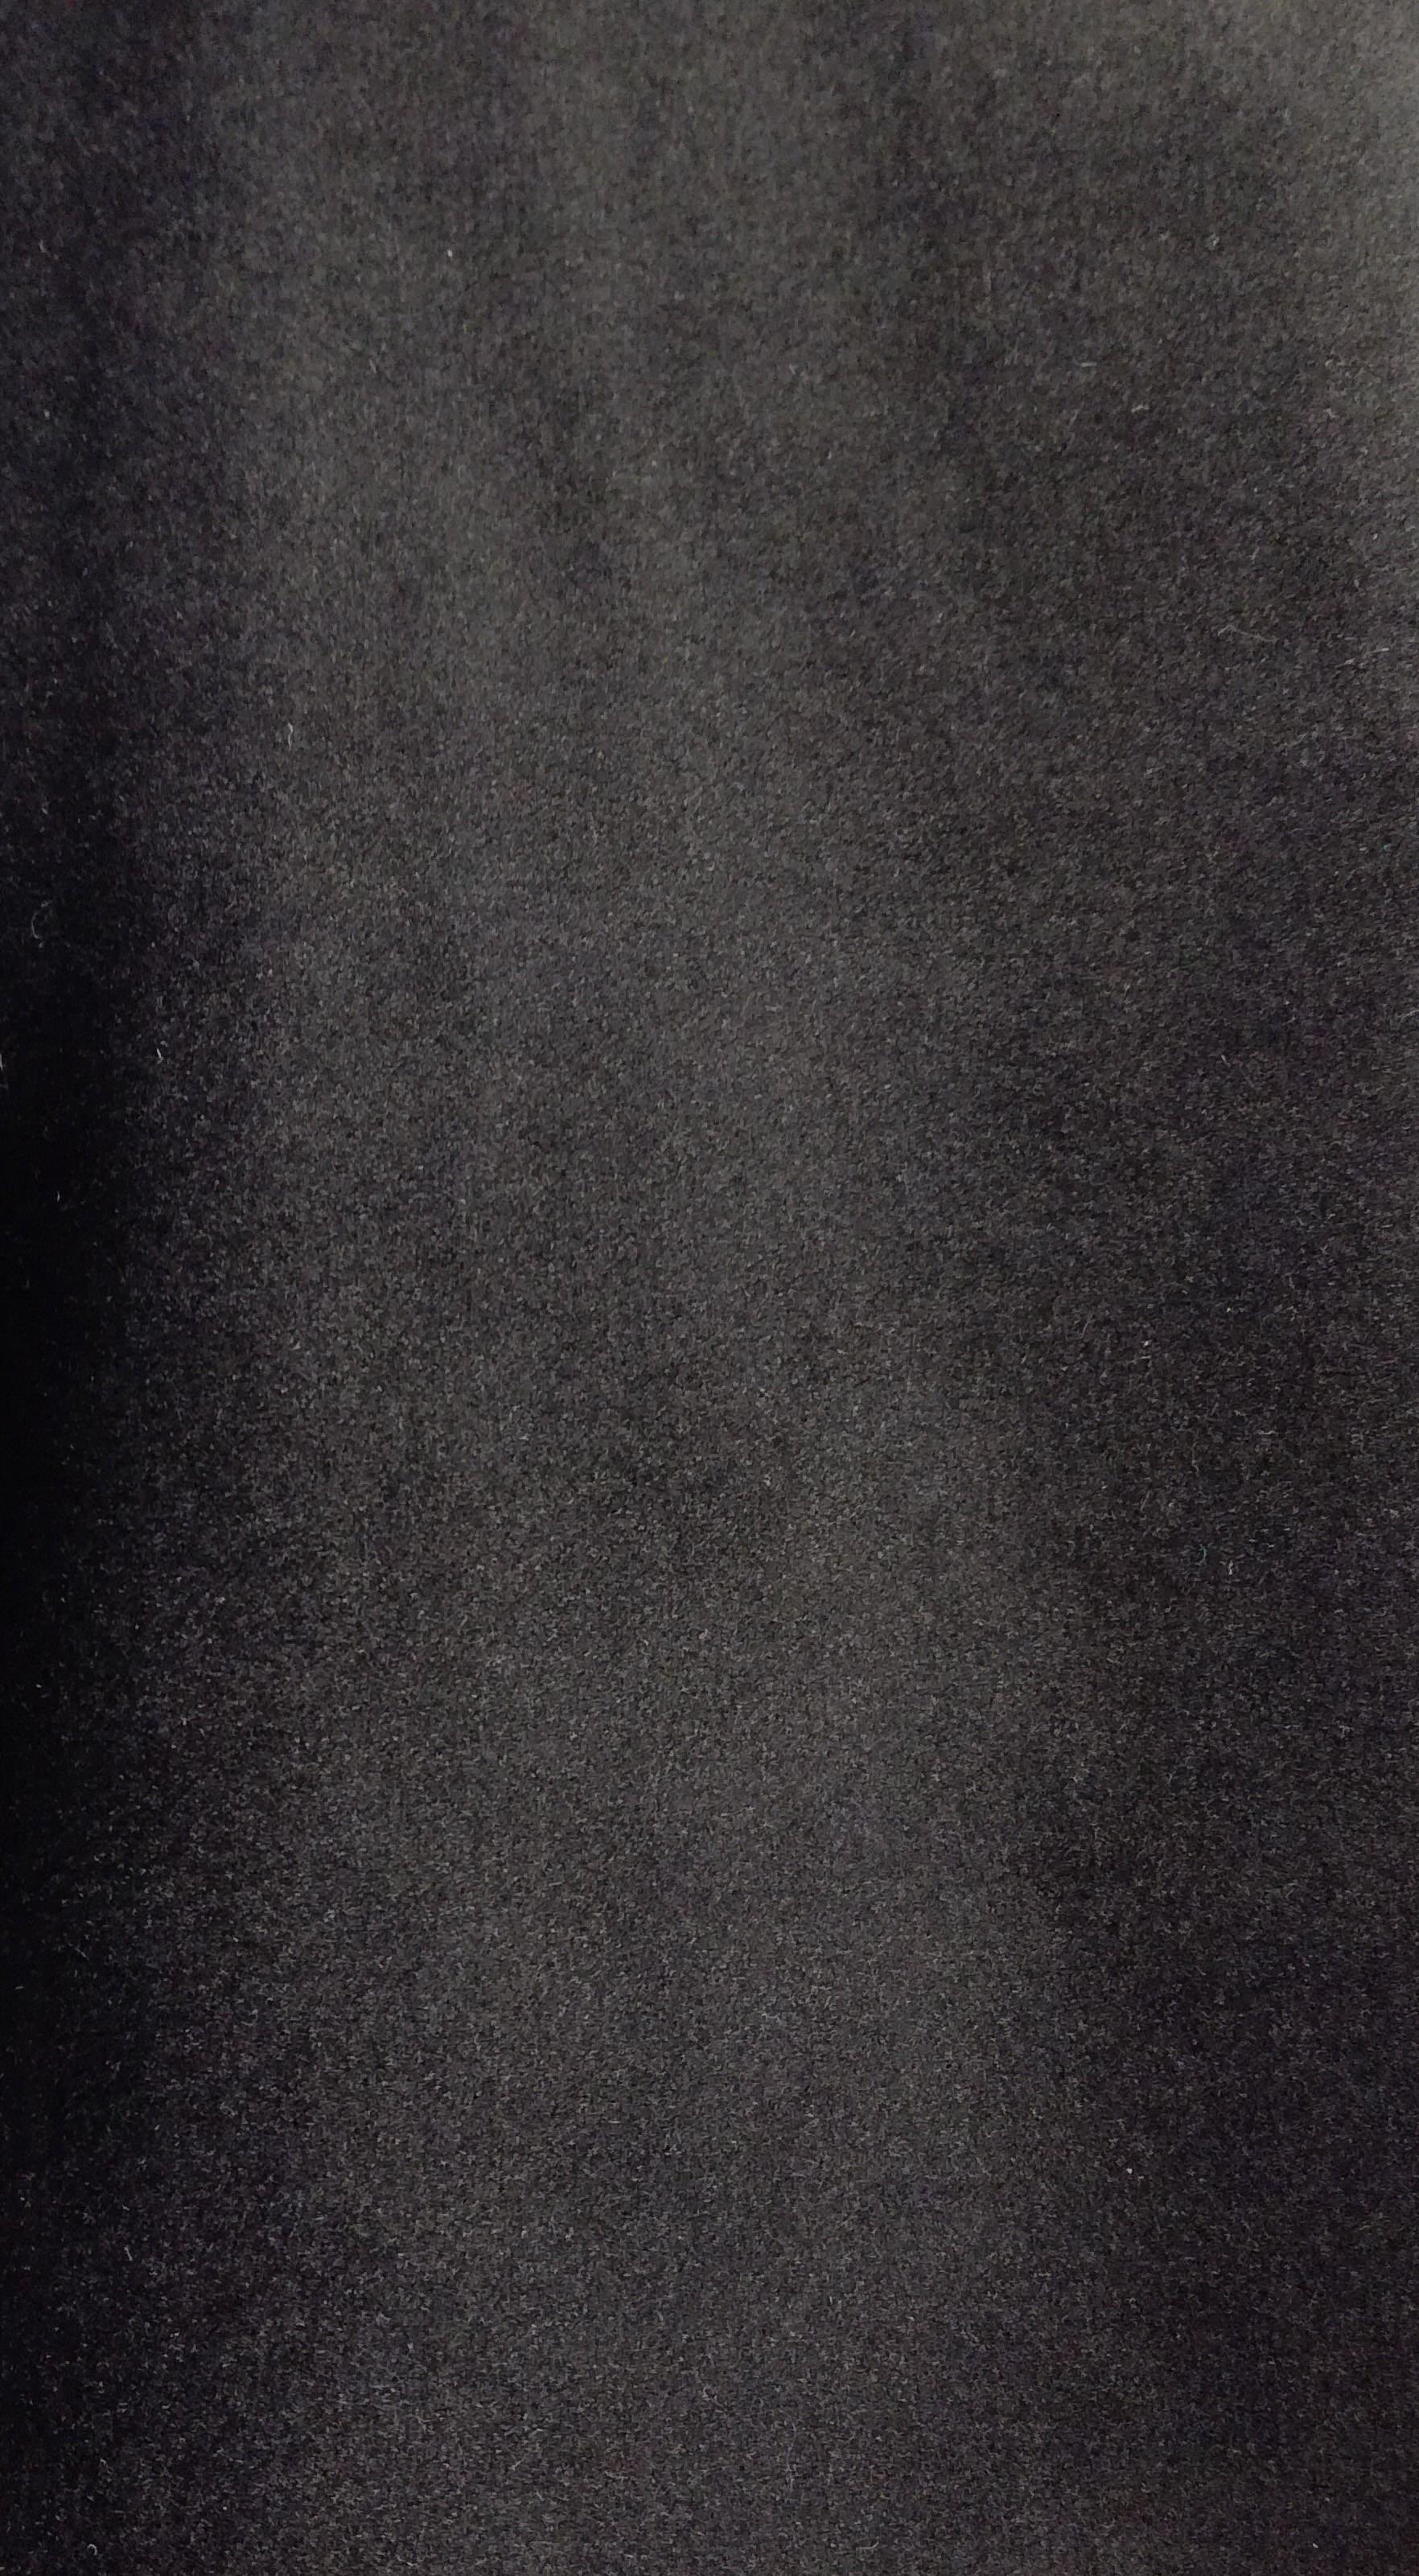 Velvet black 1607